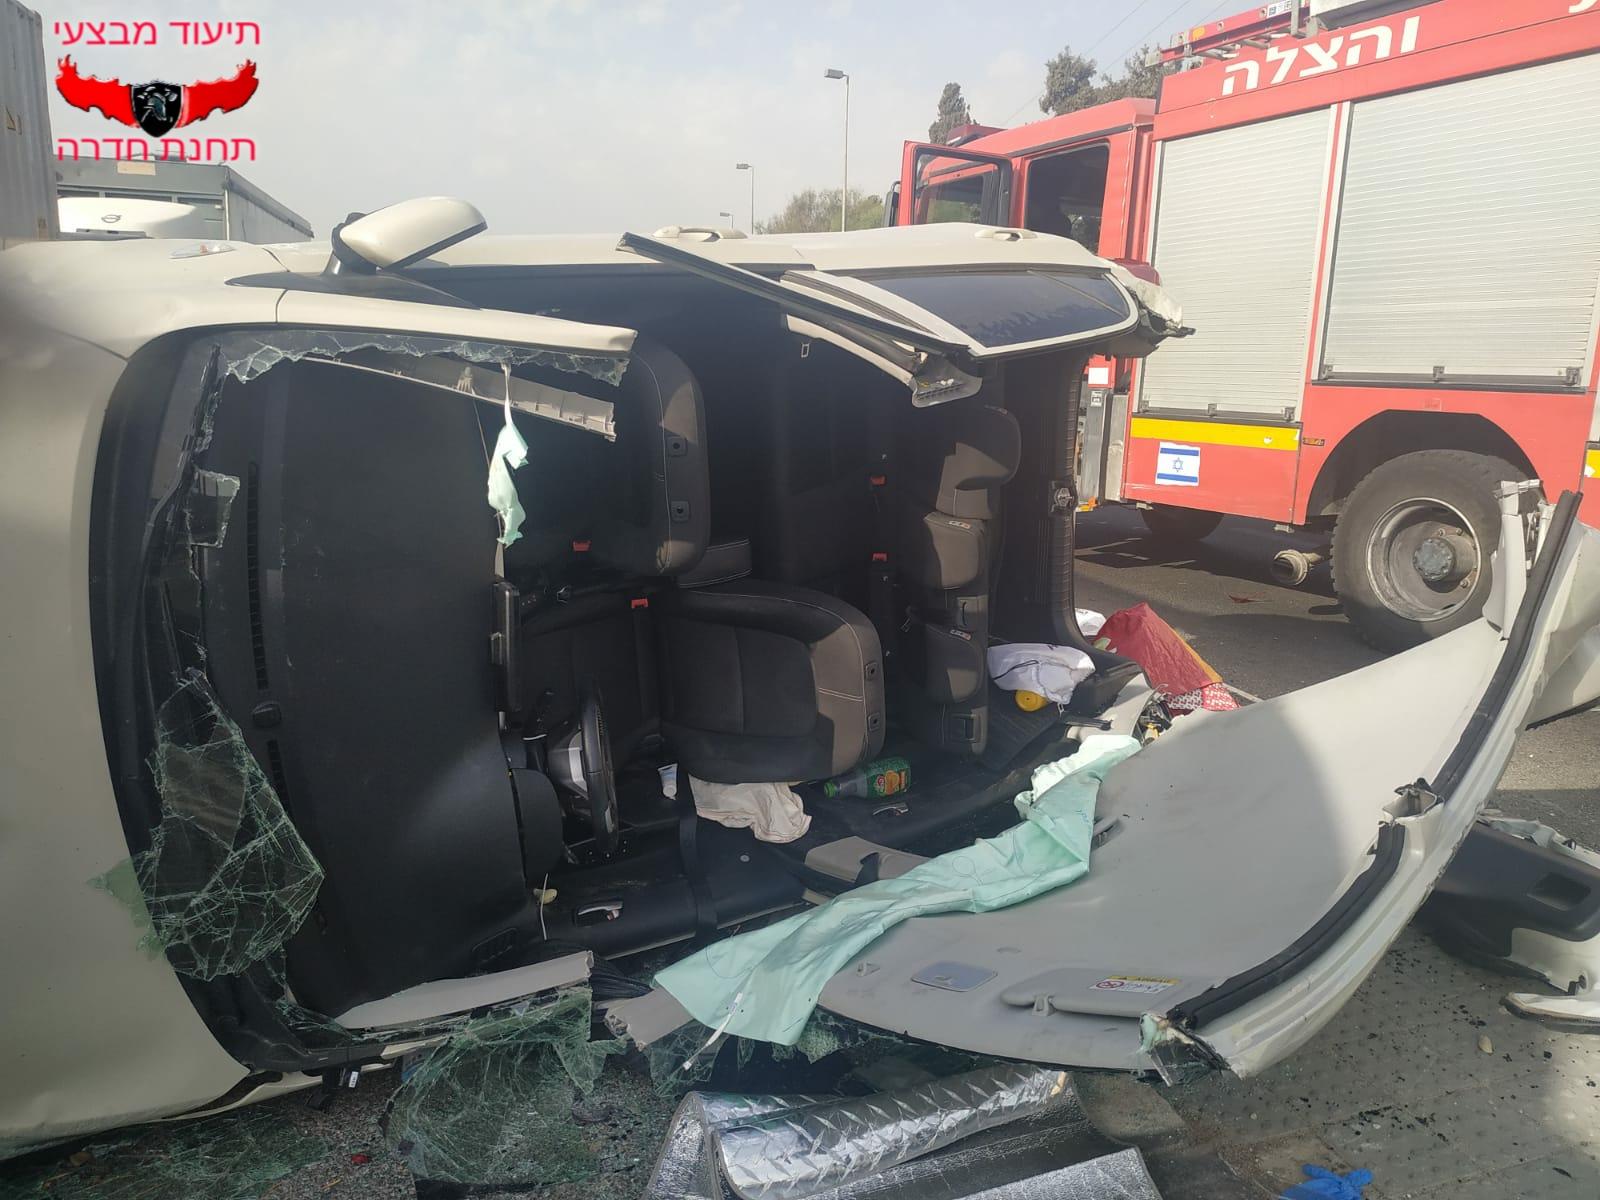 רכב הפוך המעורב בתאונת דרכים